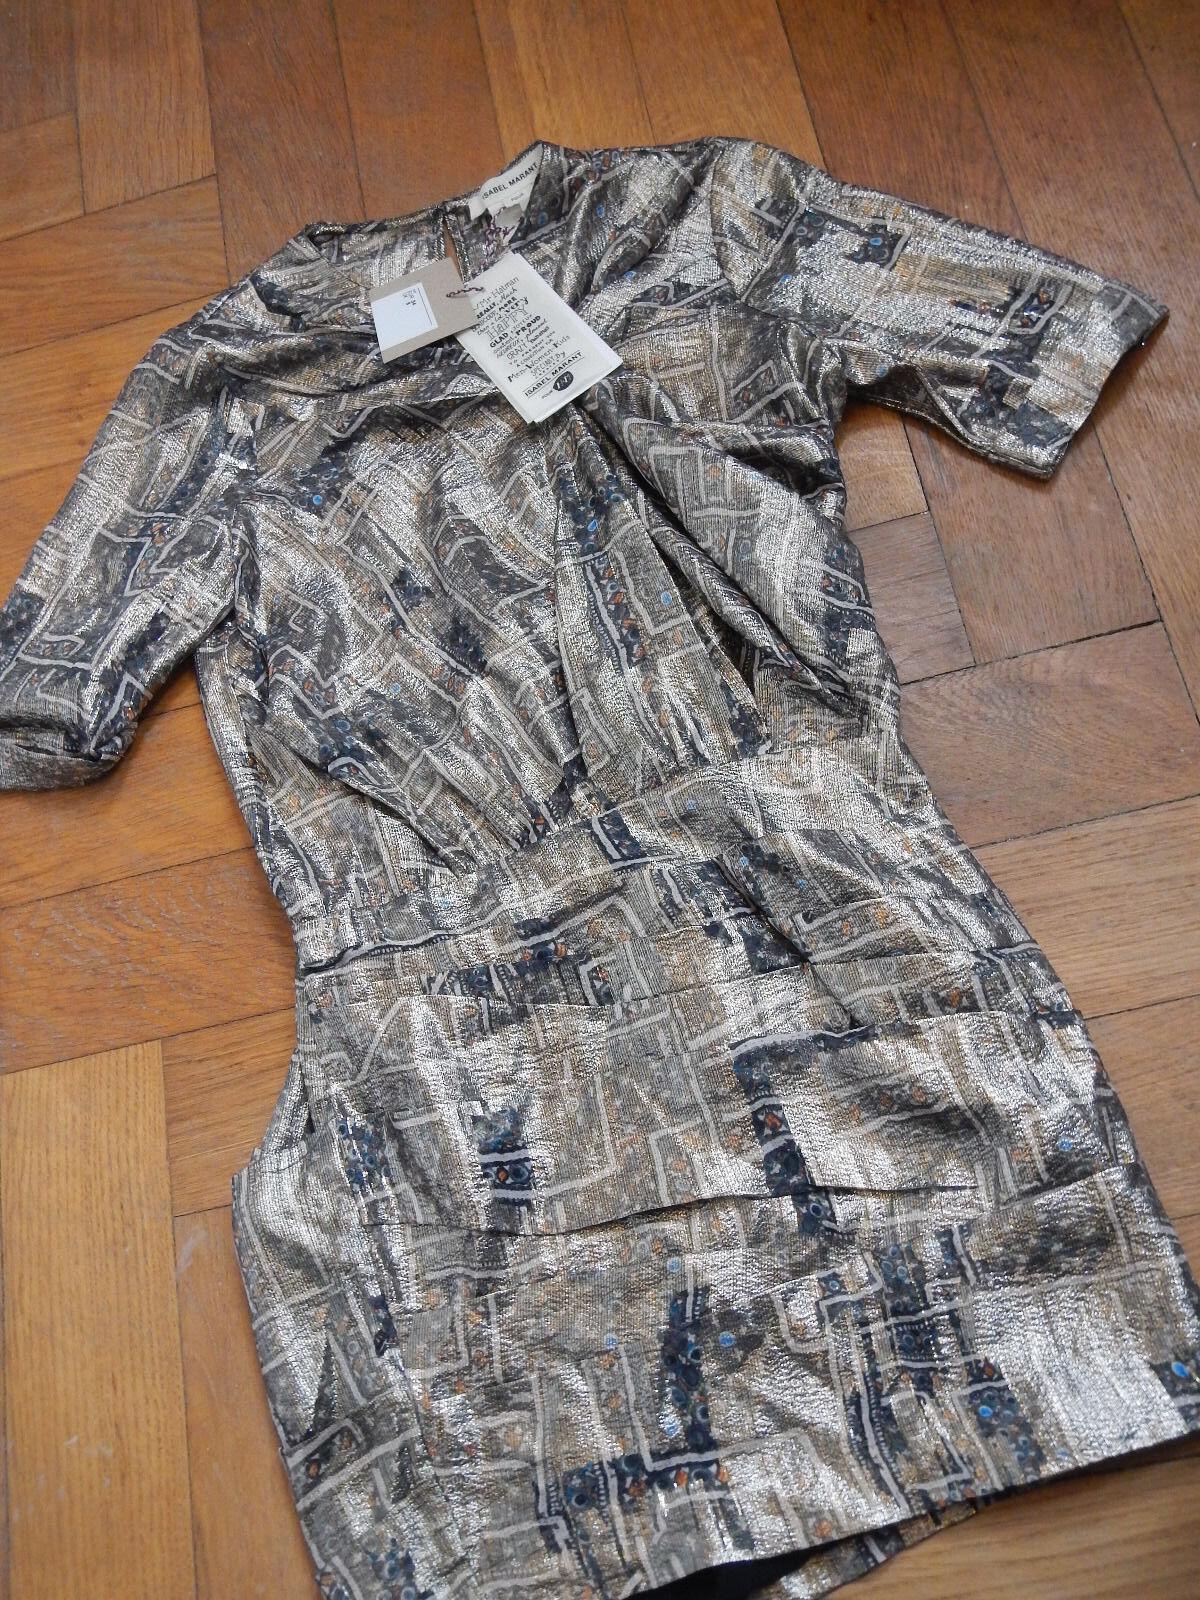 Luxus Isabel Marant pour H&M Metallic Kleid Weihnachten Weihnachten Weihnachten Hochzeit Seide Gr.34 Neu | Einfach zu bedienen  | Qualifizierte Herstellung  4cd2c7